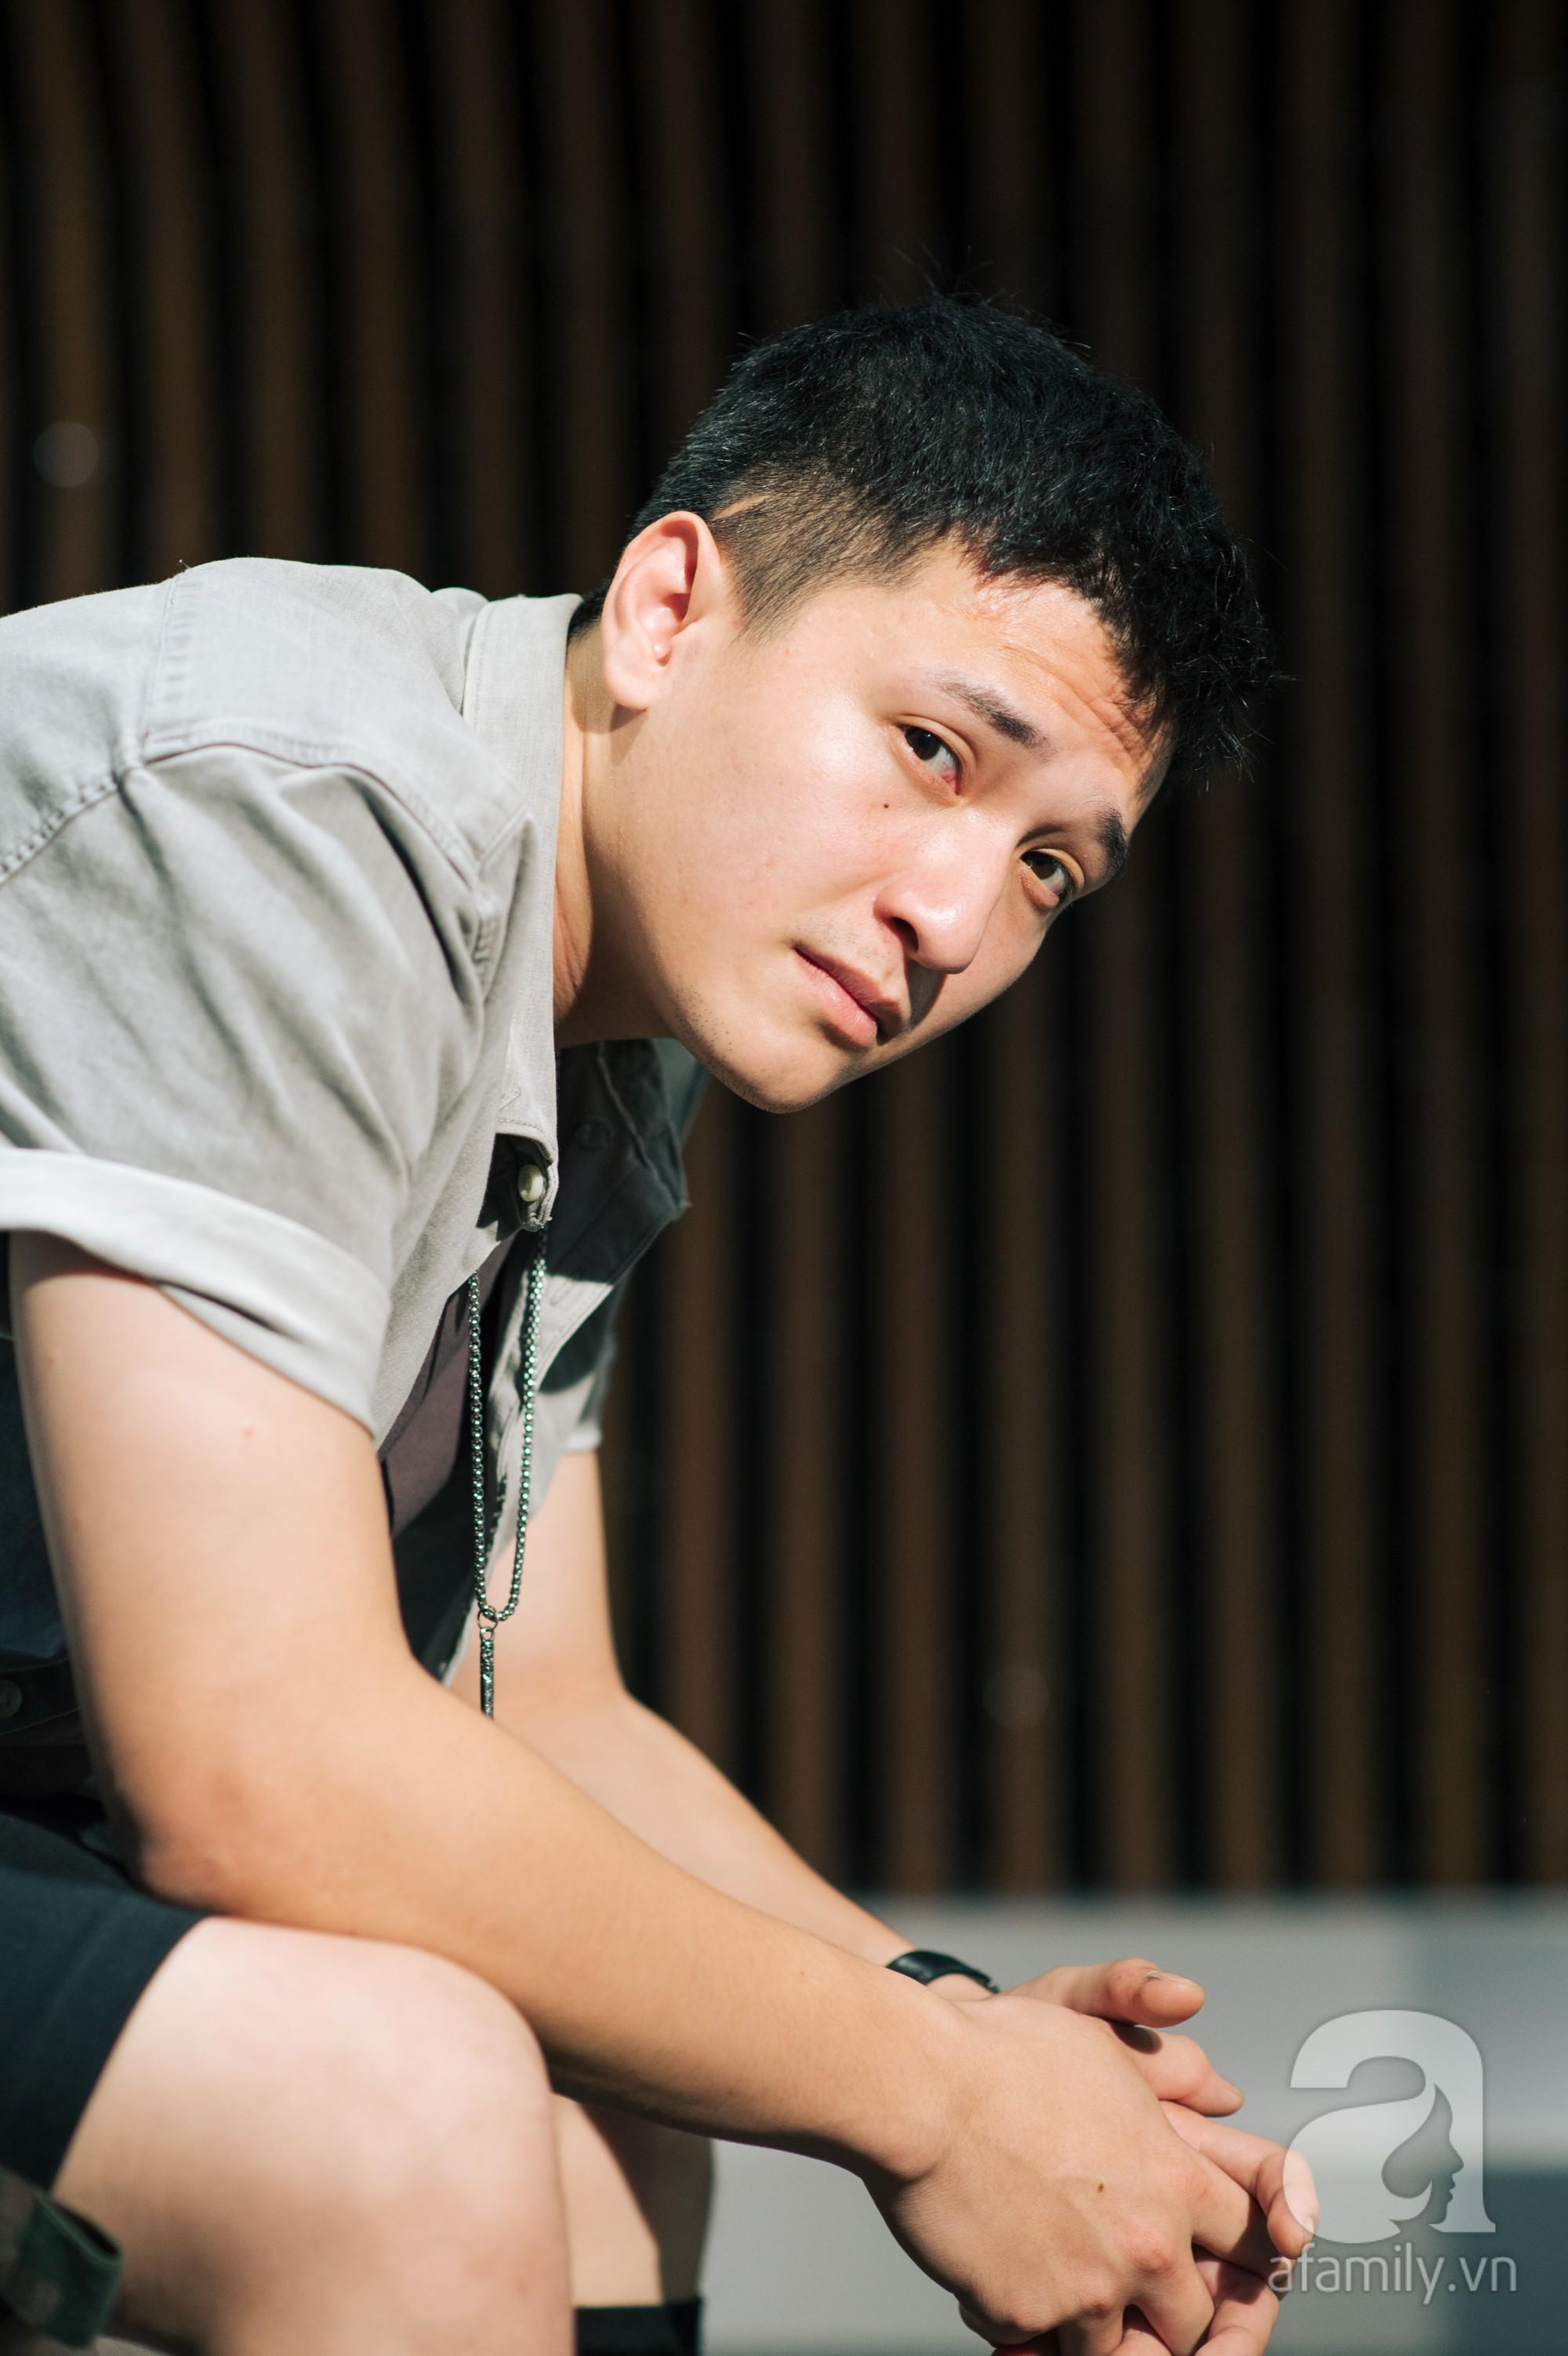 Một Huỳnh Anh rất 'khác' sau thời Hoàng Oanh: 'Trai hư' phóng túng nhưng lại ngượng ngùng khi nói về tình mới! 11